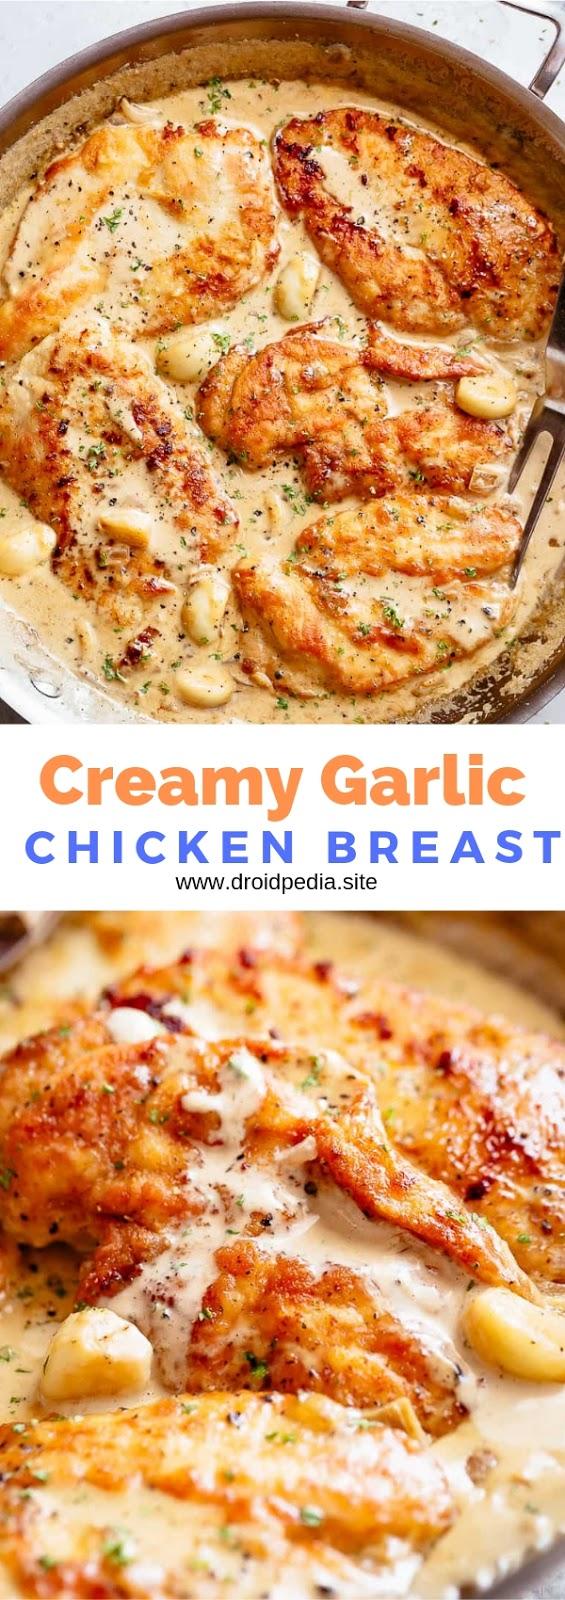 Creamy Garlic Chicken Breast #dinner #maincourse #creamy #garlic #chicken #breast